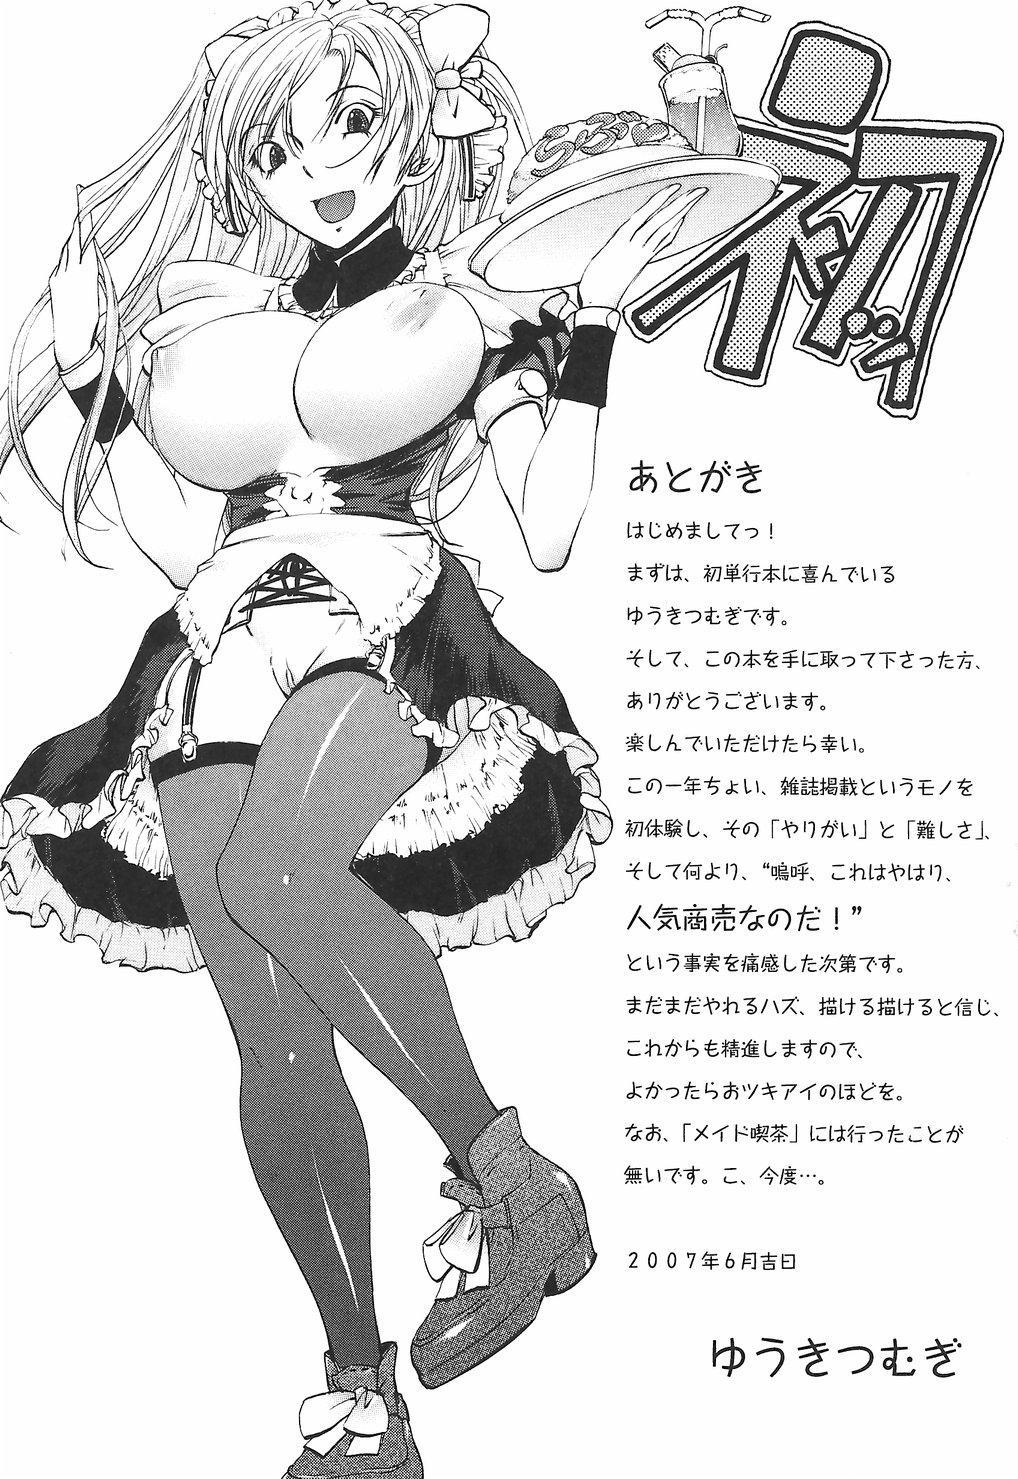 [Yuuki Tsumugi] Oshiete Ane-Tea - Teach me! my sister teacher. 186